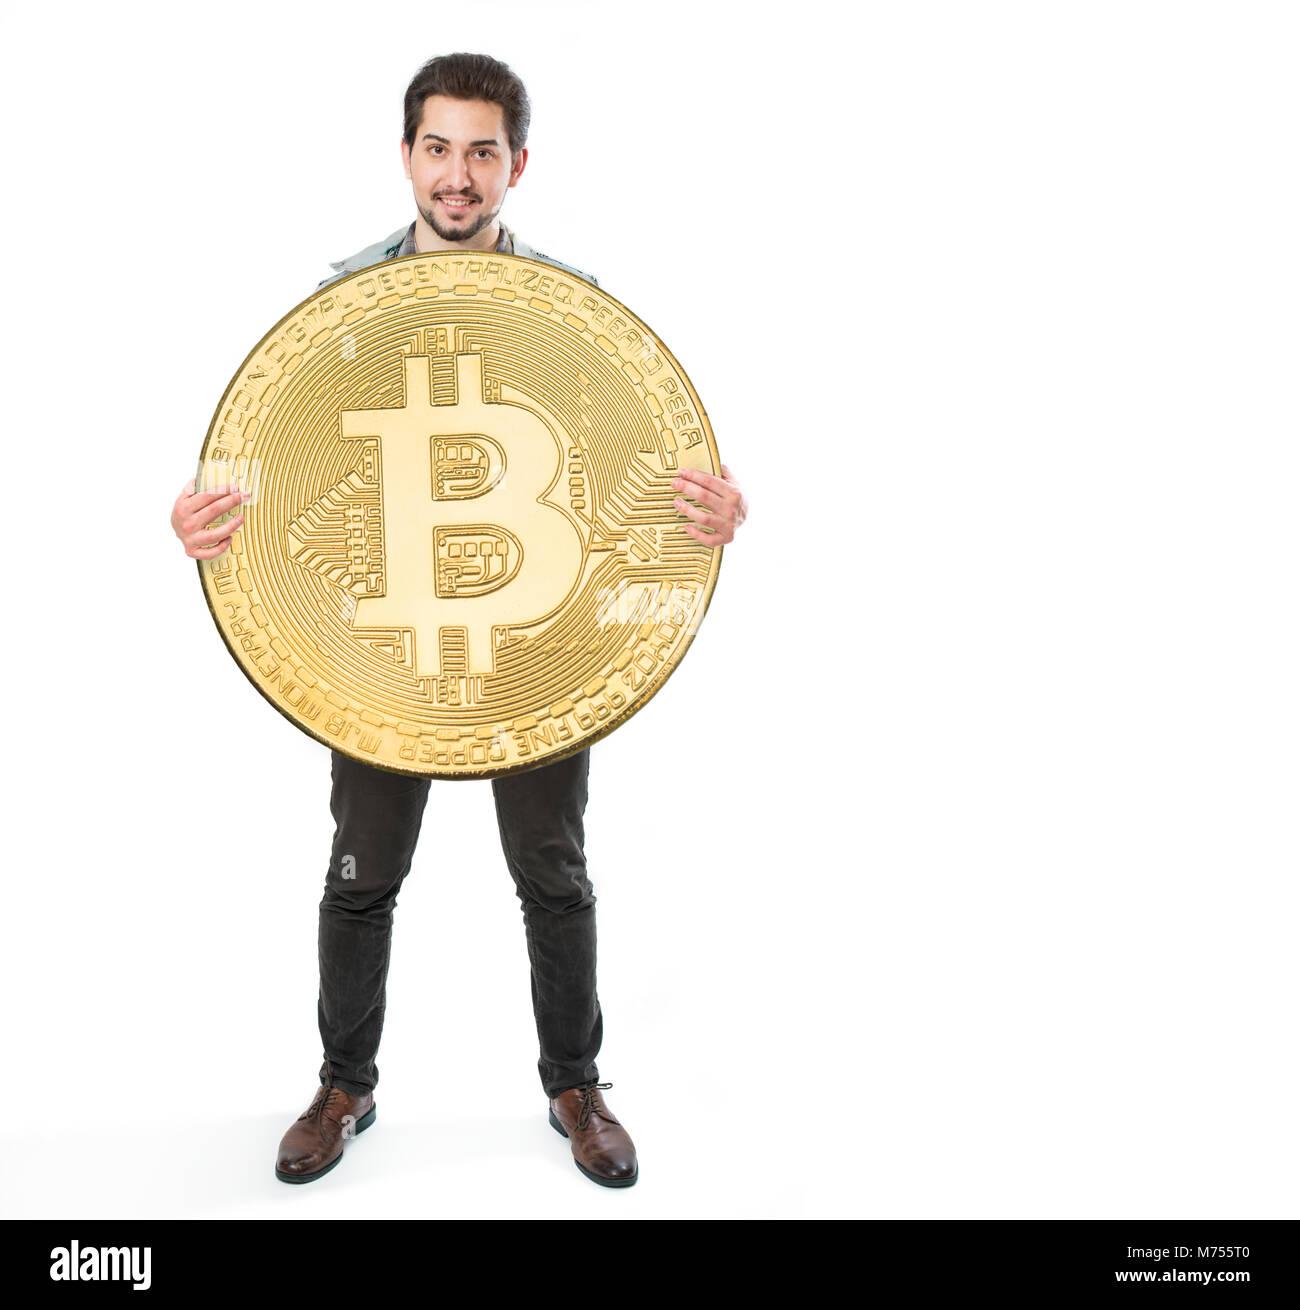 Un homme gai sur un fond blanc avec une immense pièce de bitcoin Banque D'Images